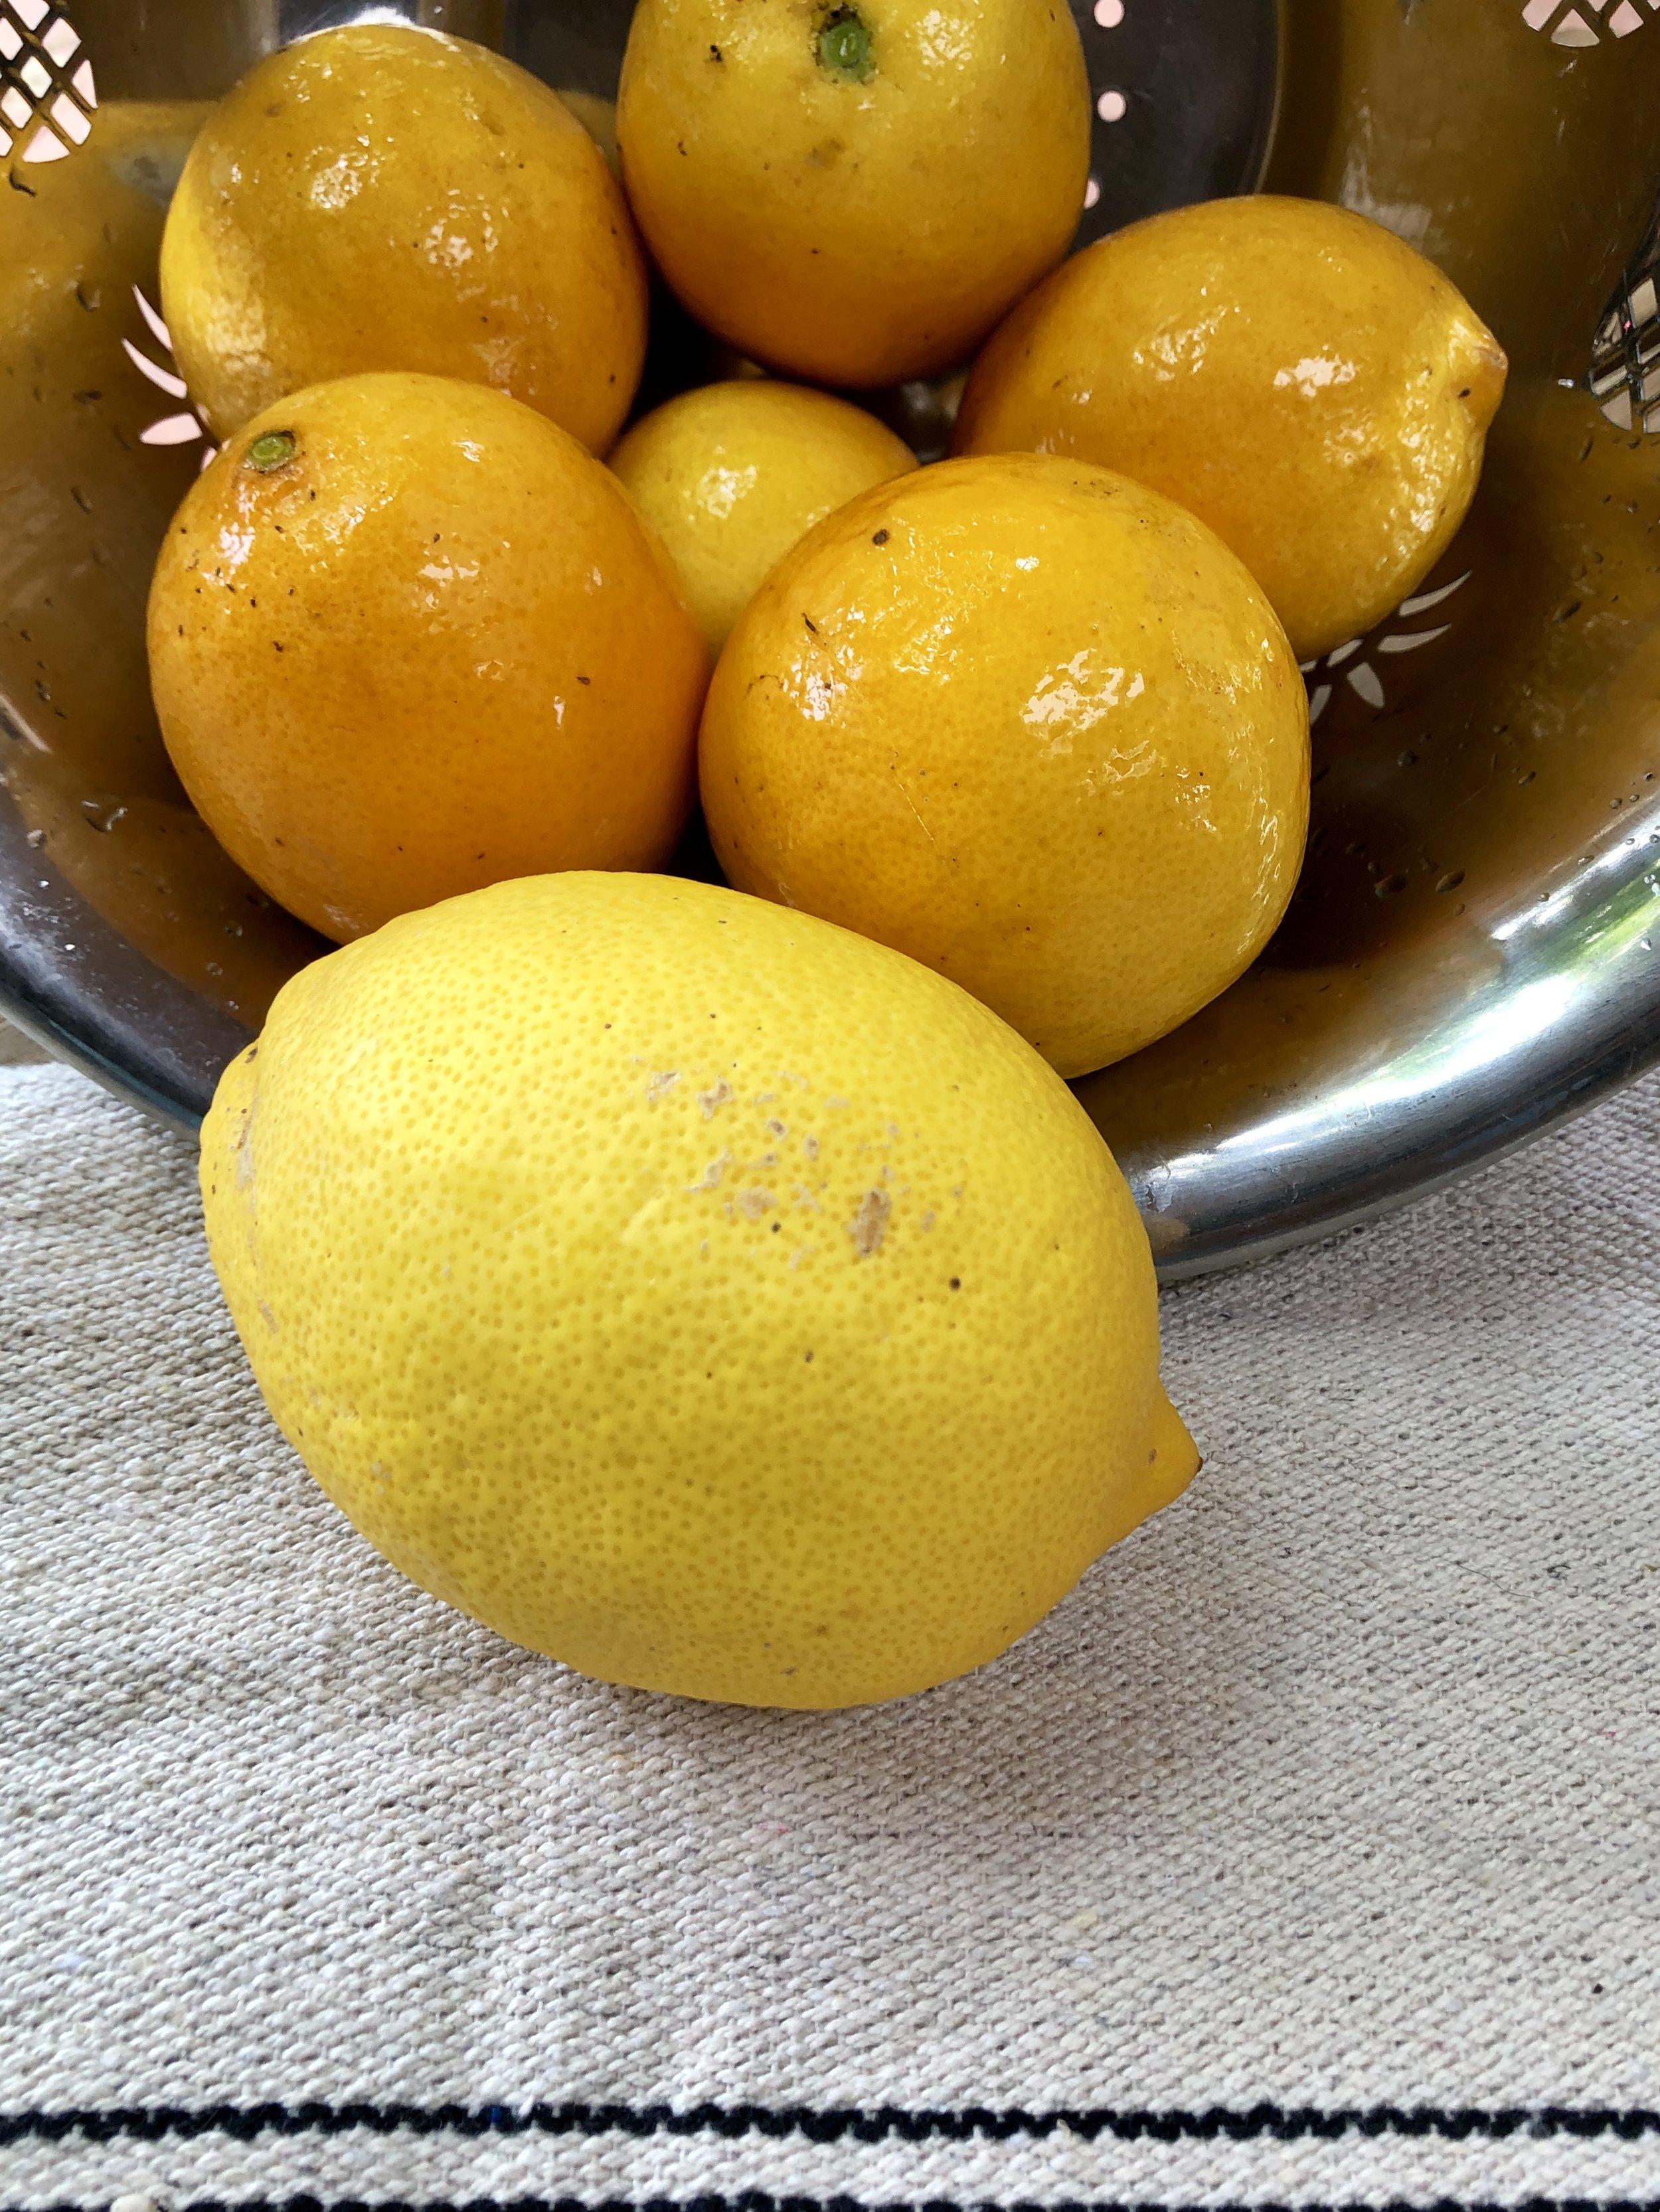 From lemons….